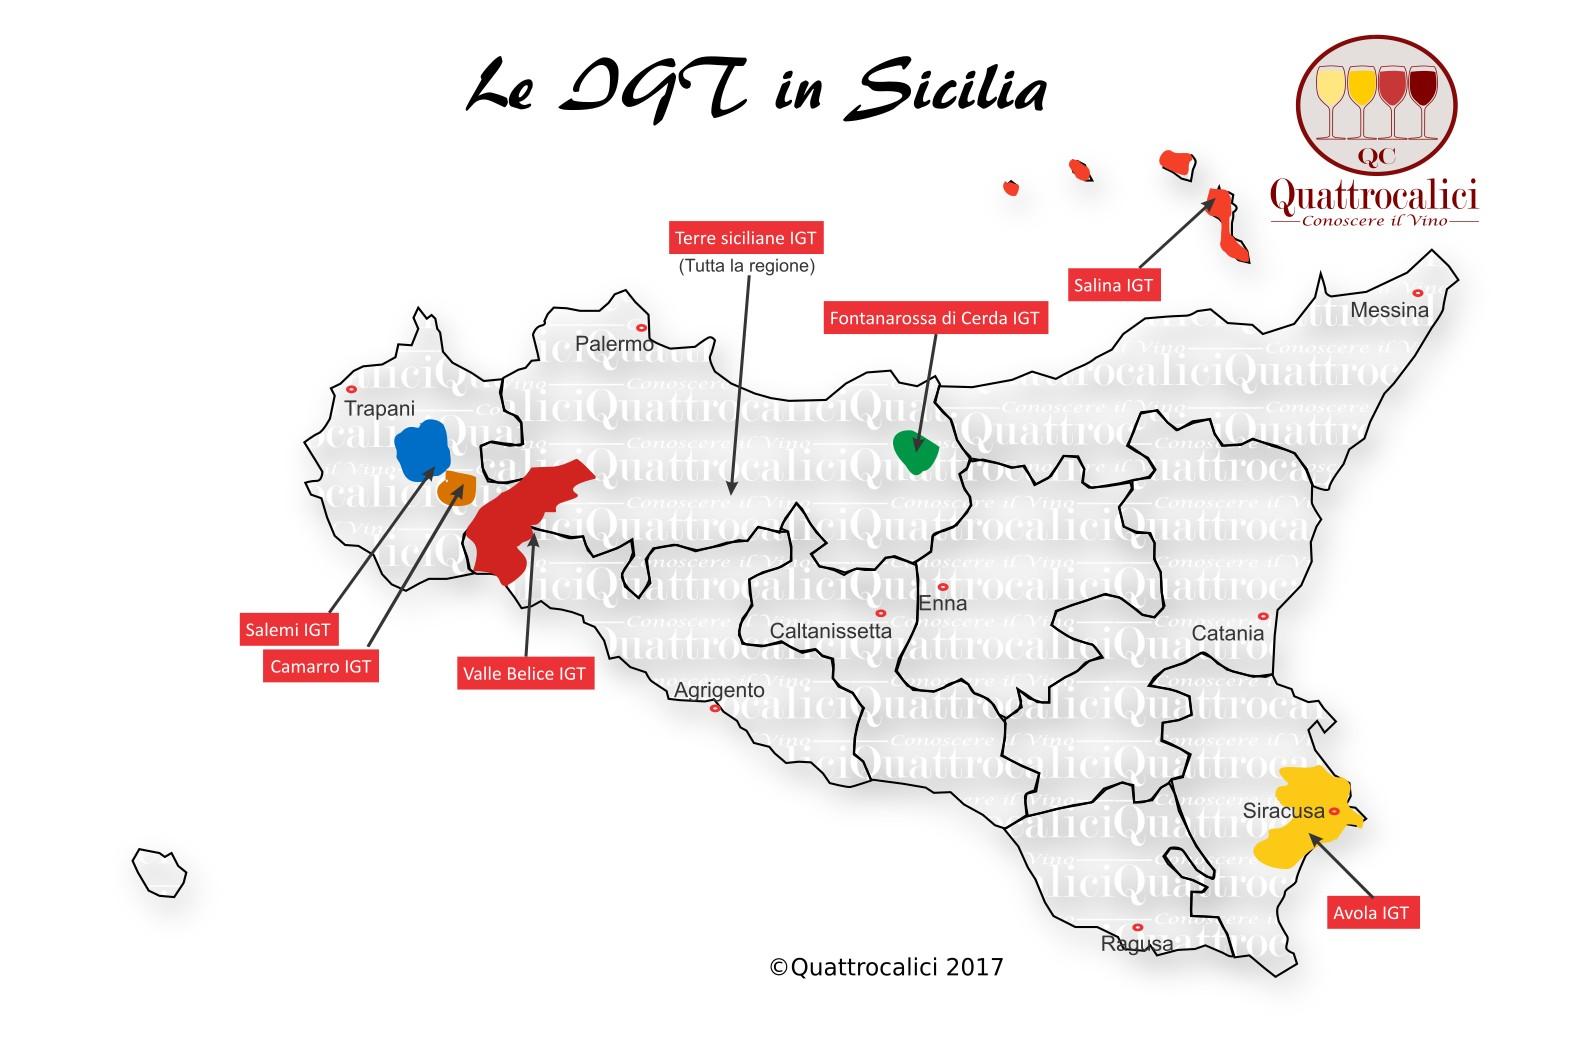 Mappa Denominzioni IGT Sicilia